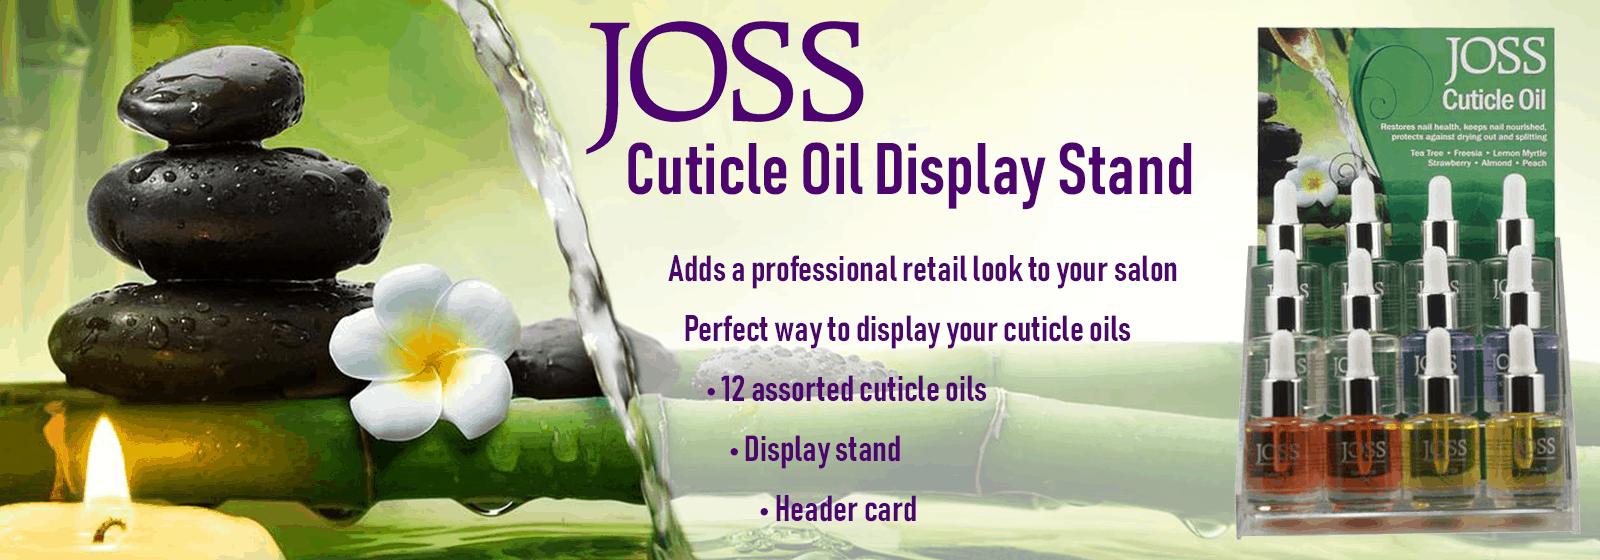 Joss Cuticle Display